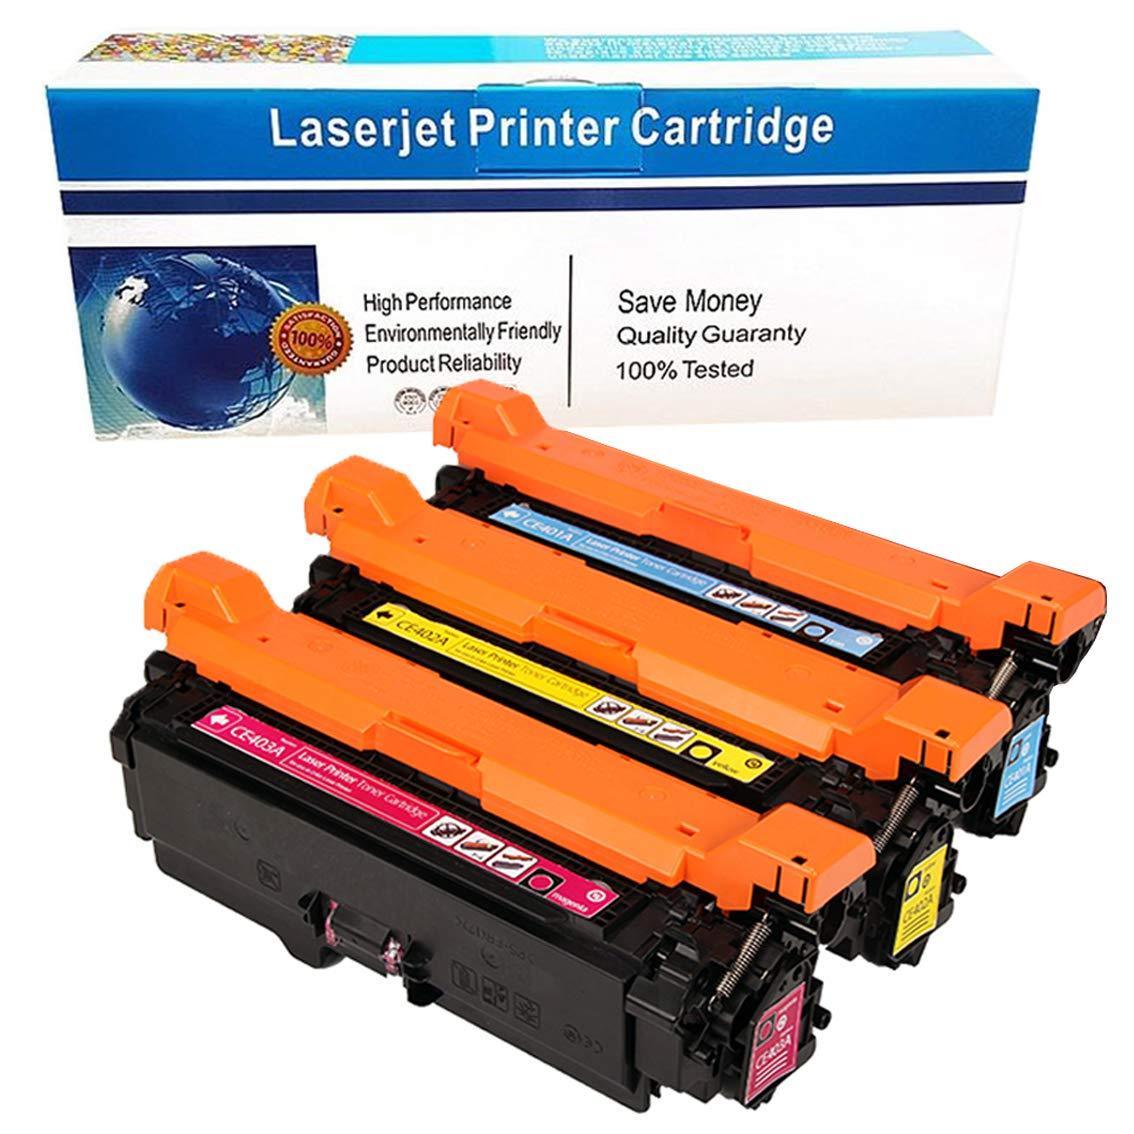 3A Toner For HP 507A LaserJet Enterprise 500 Color M551dn MFP M575F 10PK CE400A